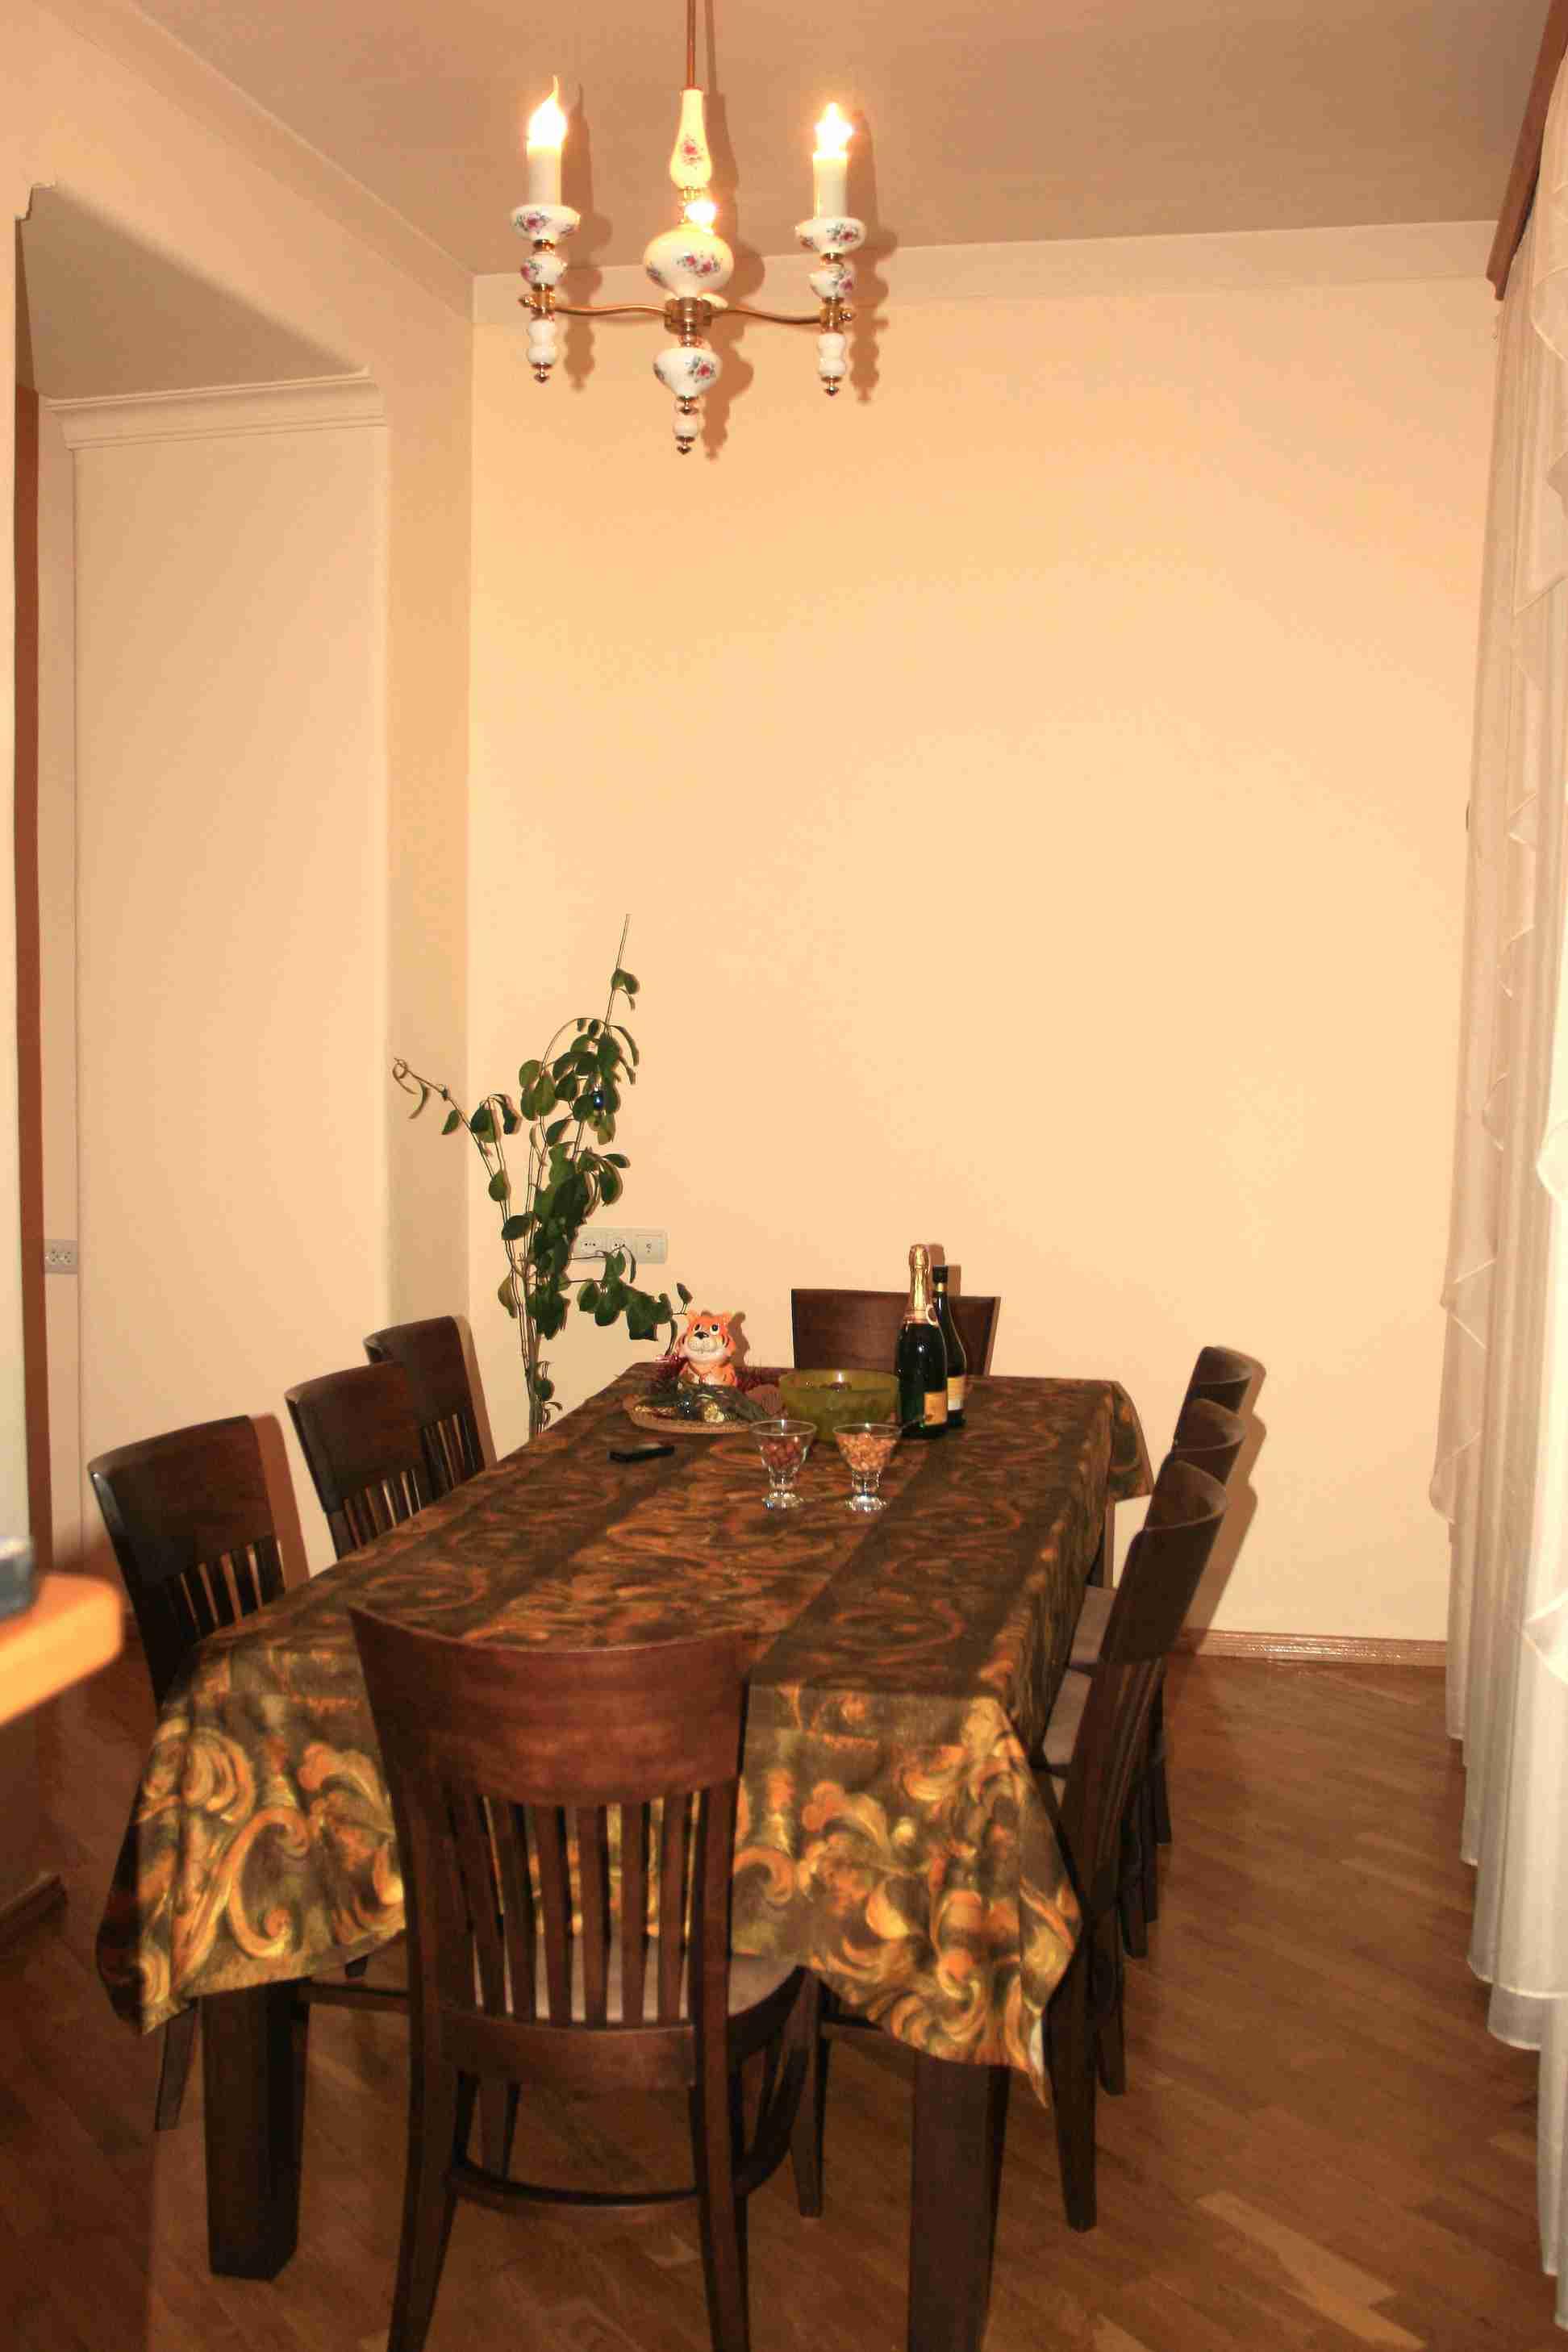 Woonstelle te huur in yerevan, Armenia/Yerevan/center, Armenia